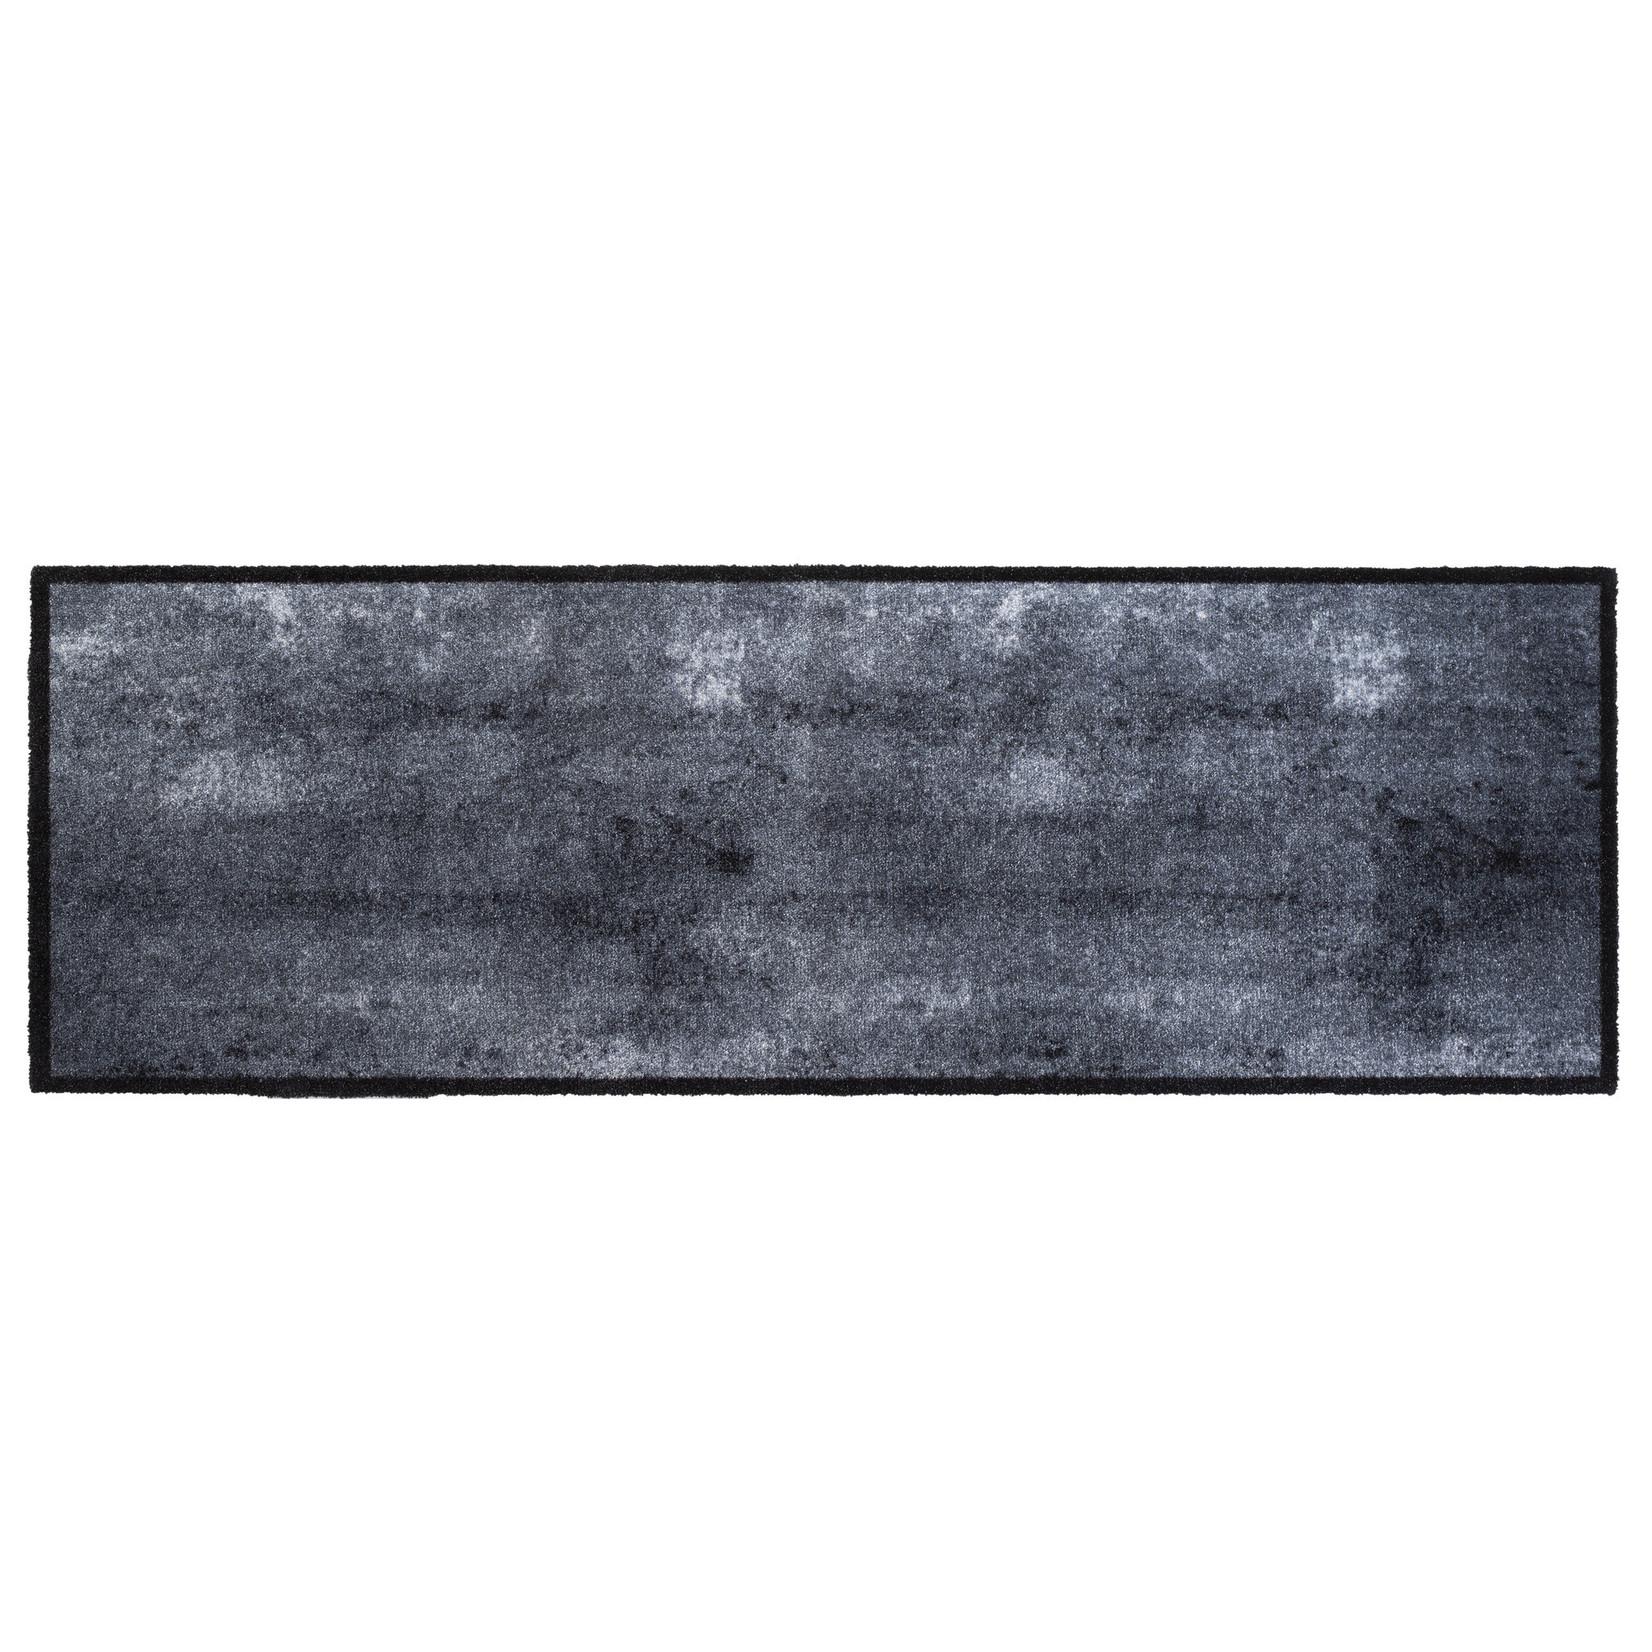 Hamat Prestige Concrete 50x150cm